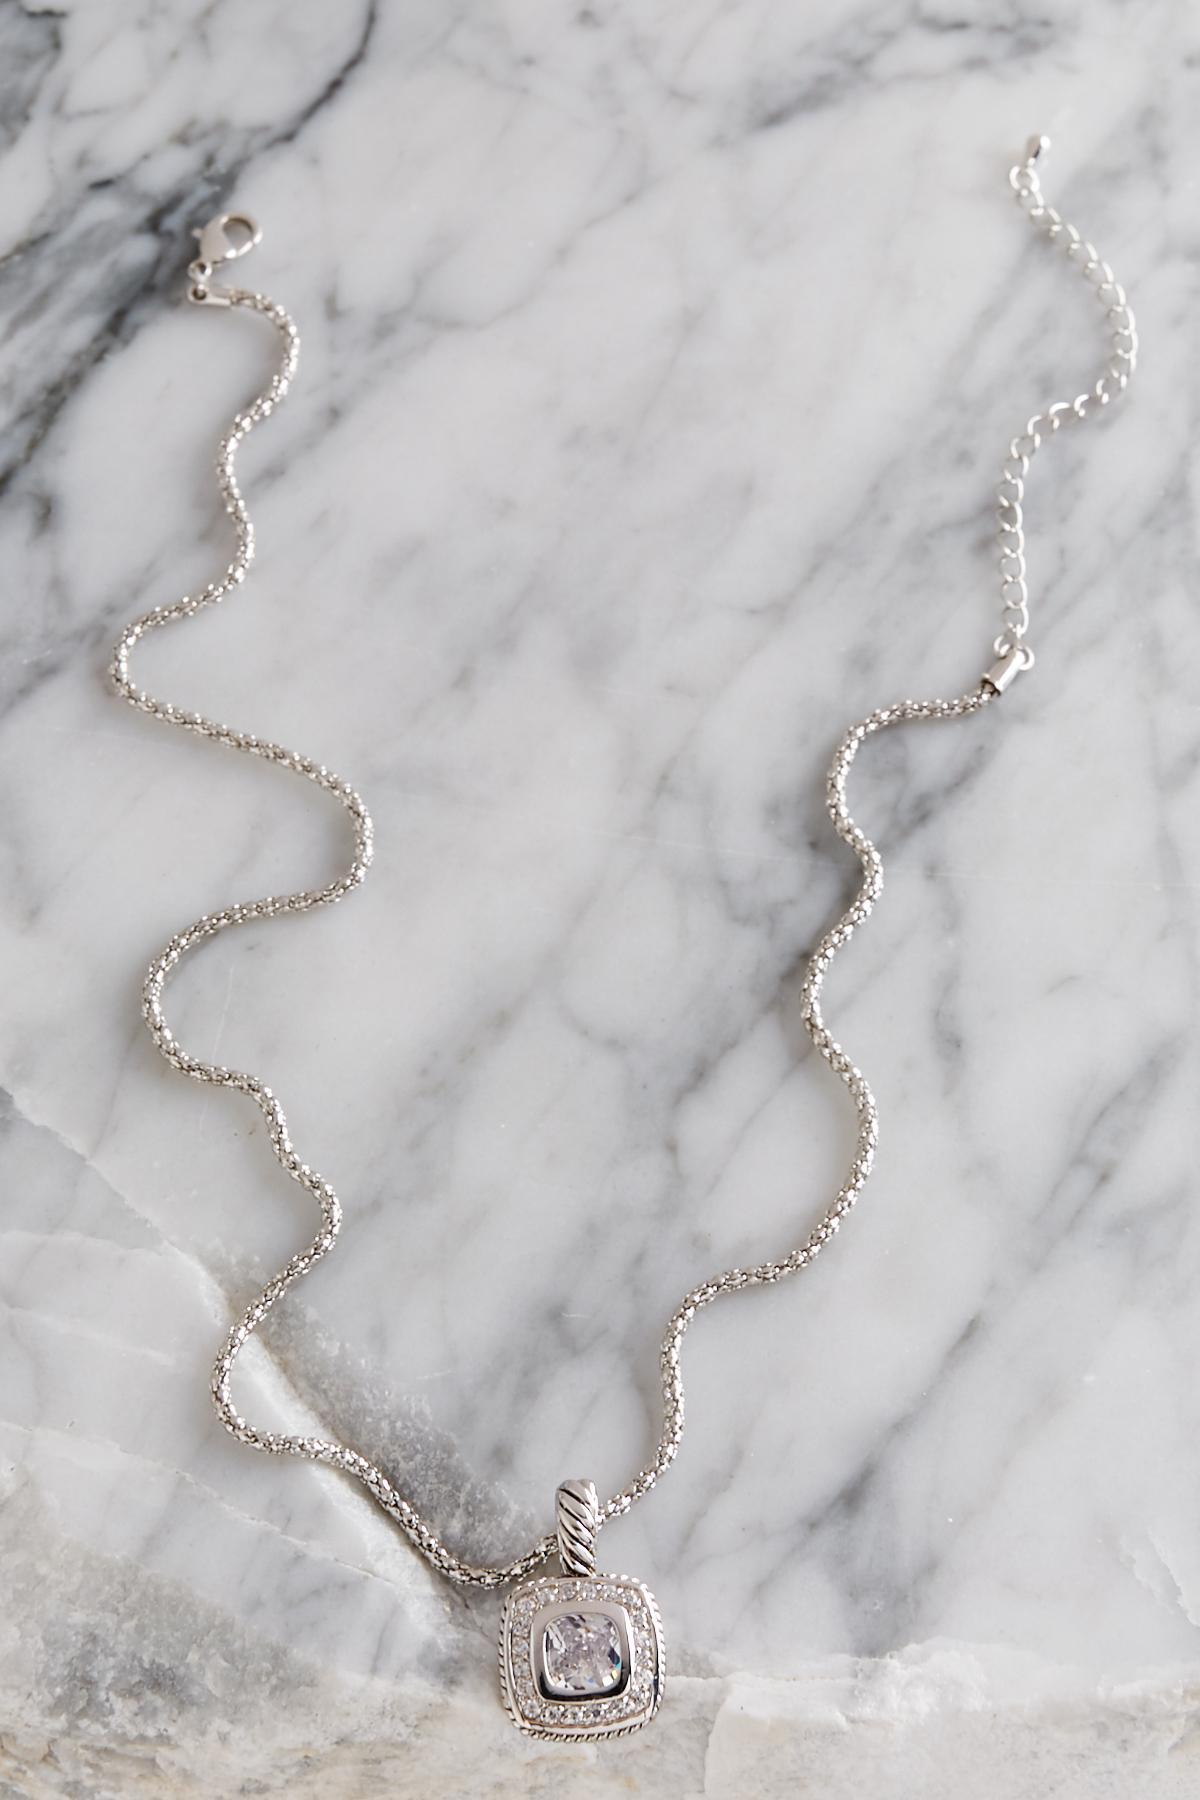 Cz Cushion Pendant Necklace